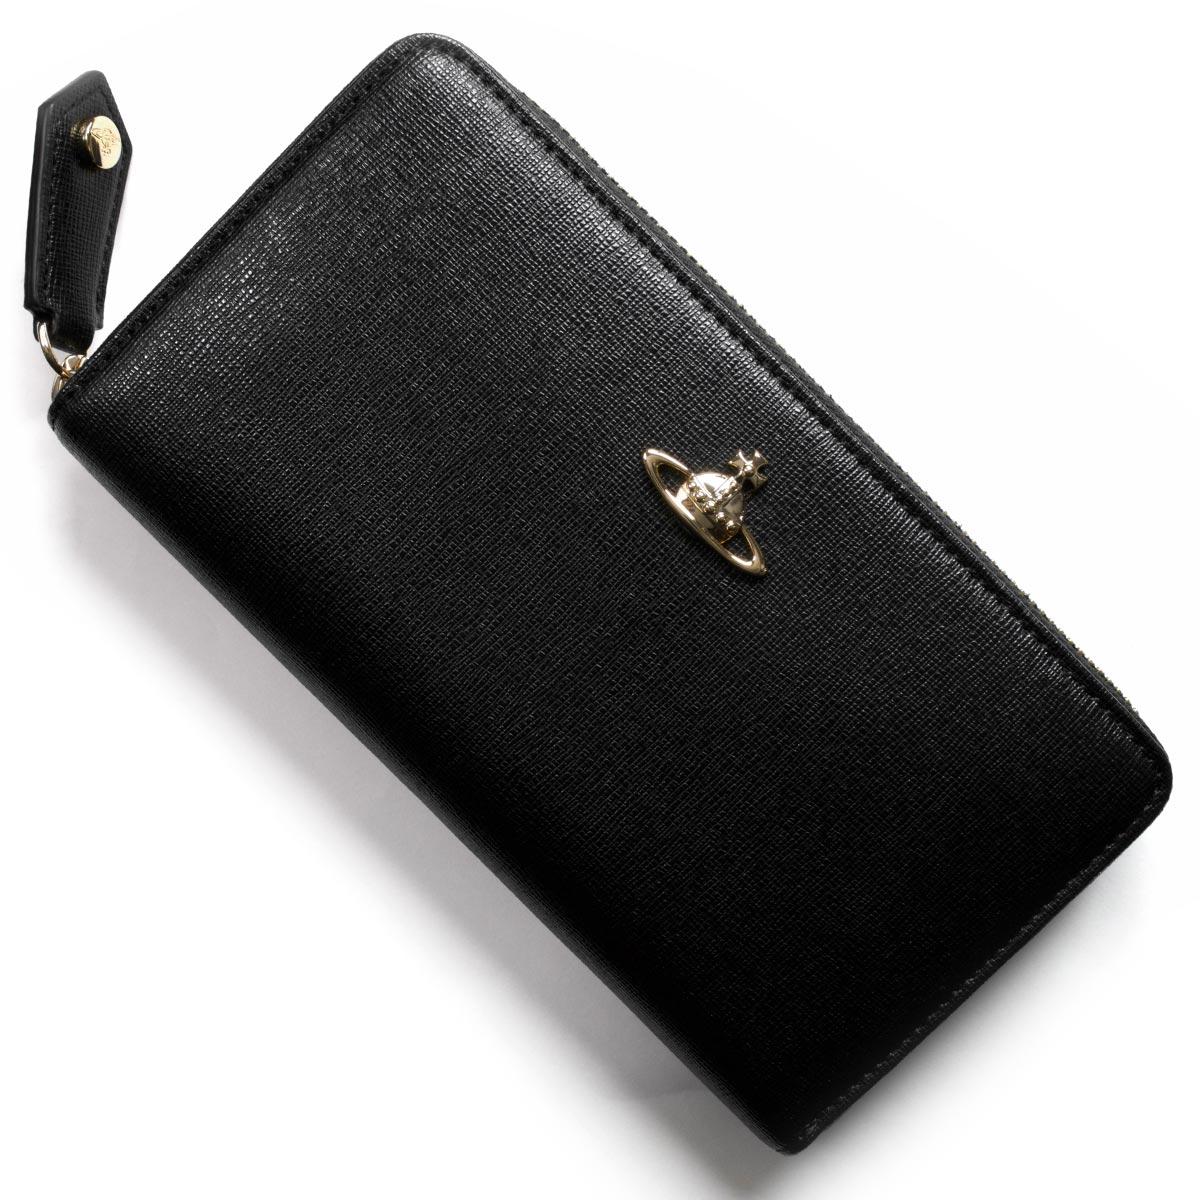 ヴィヴィアンウエストウッド 長財布 財布 レディース サフィアーノ SAFFIANO ブラック 5105000140153 BLK VIVIENNE WESTWOOD